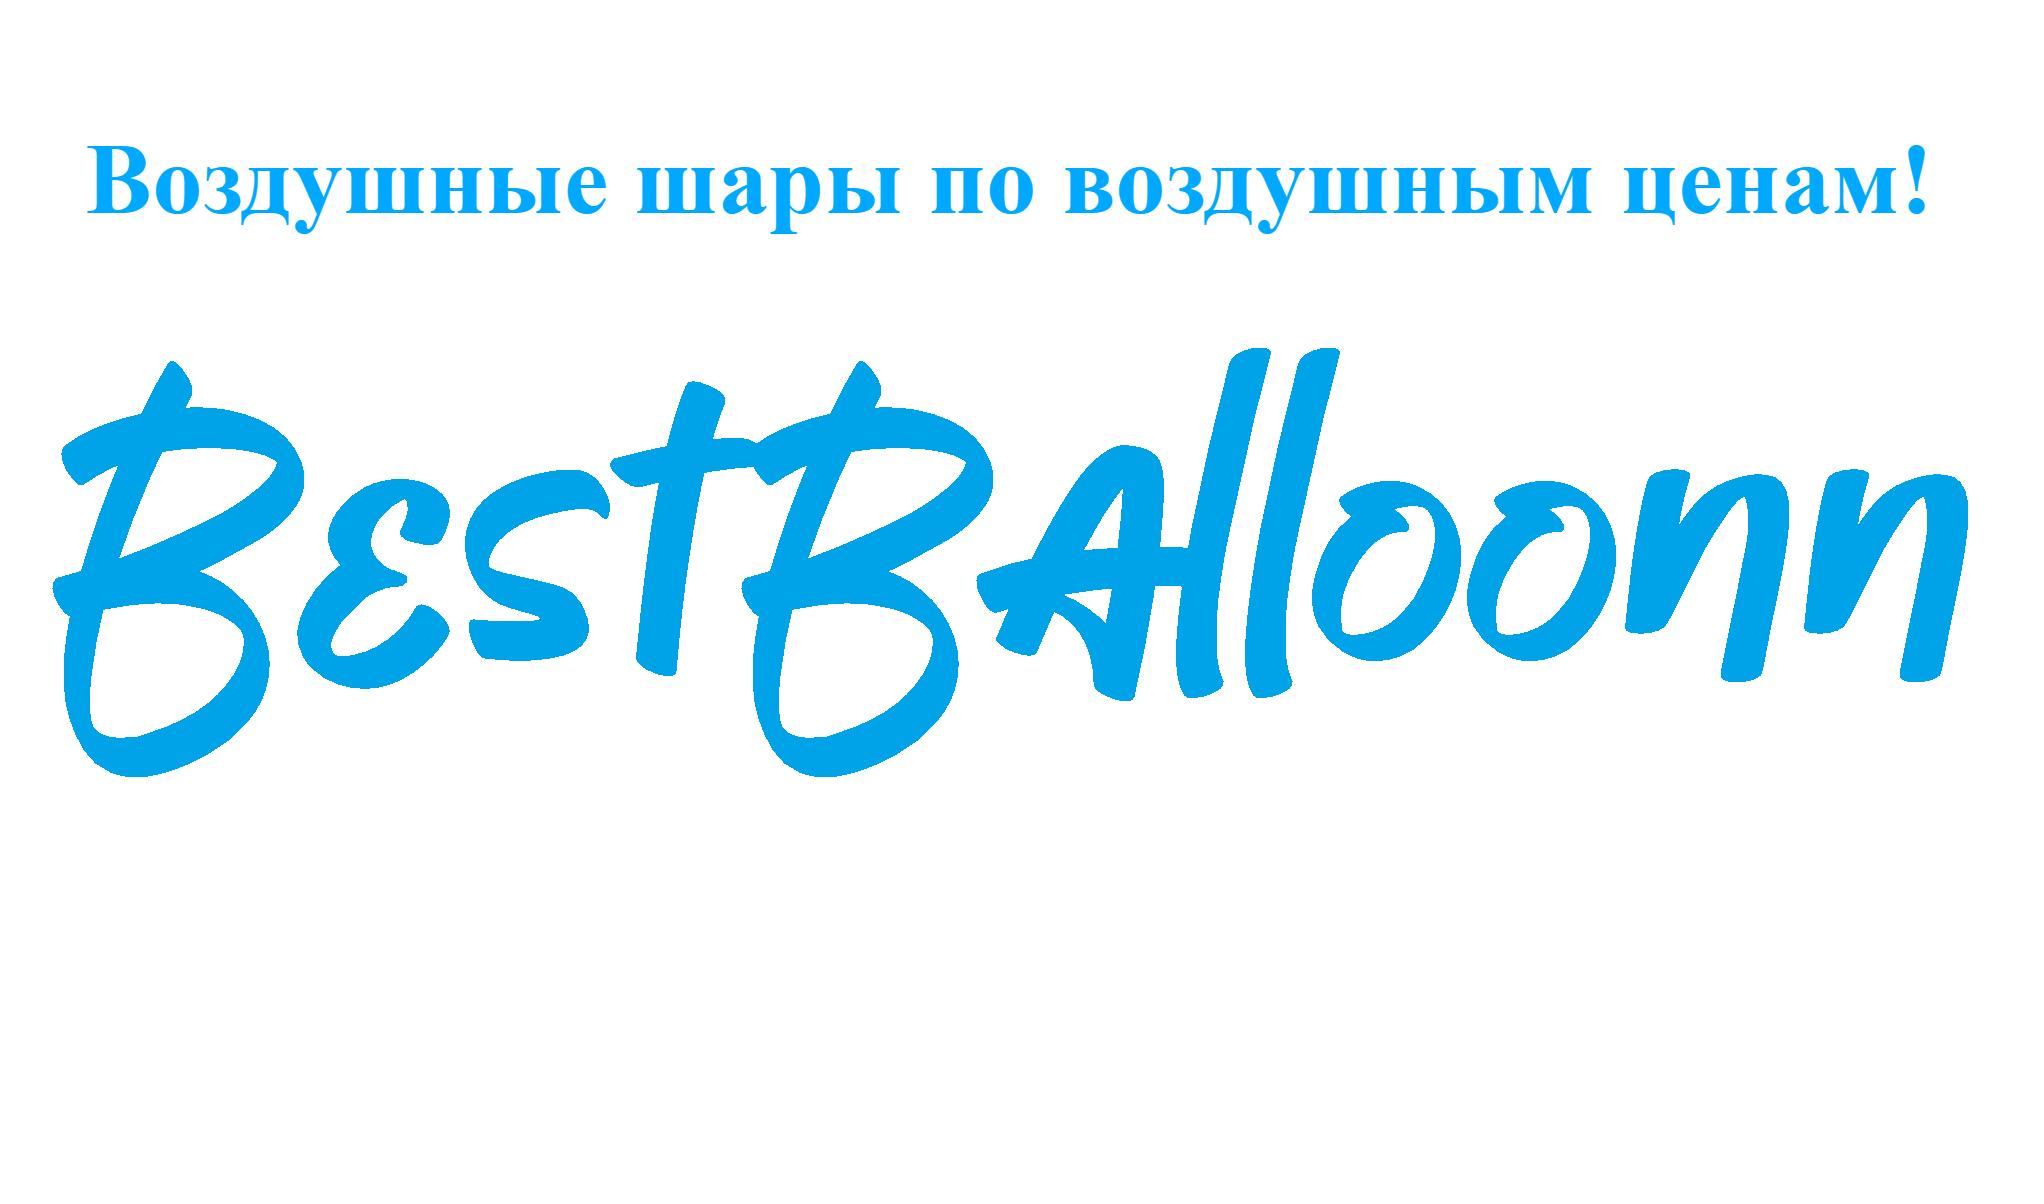 BestBalloonn